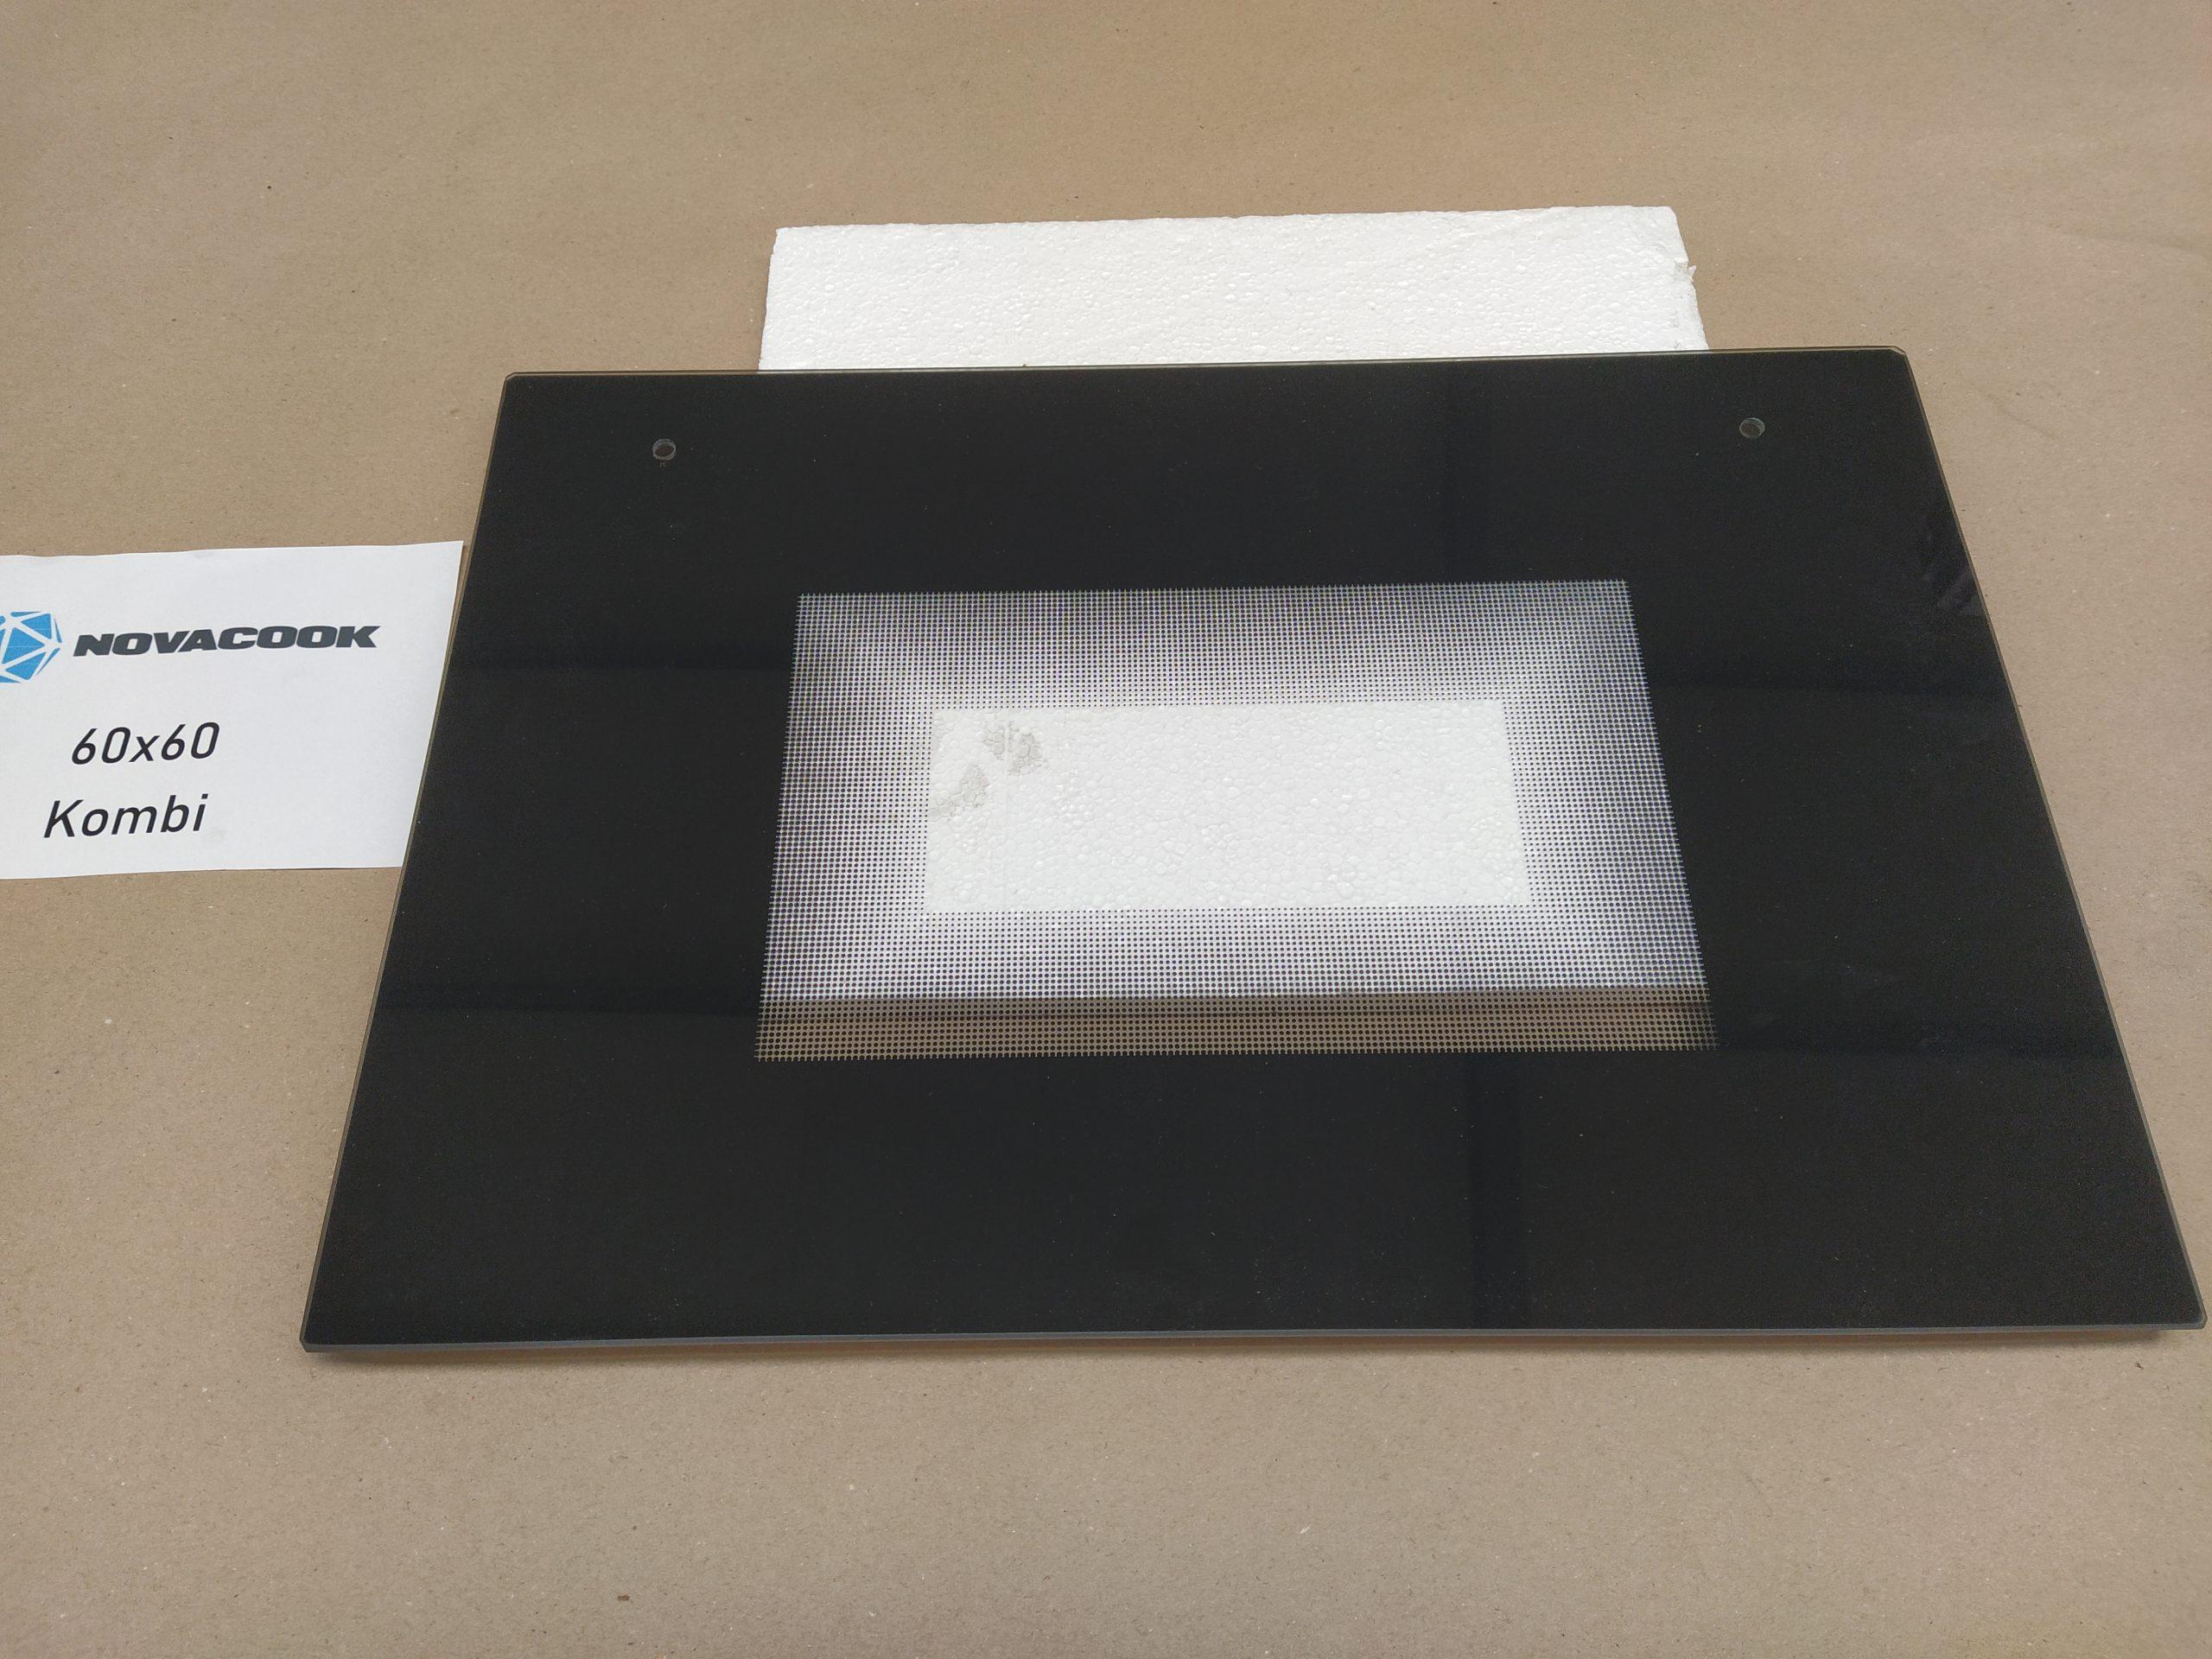 Sütő ajtőóüveg (60×60-as kombinált sütőhöz)